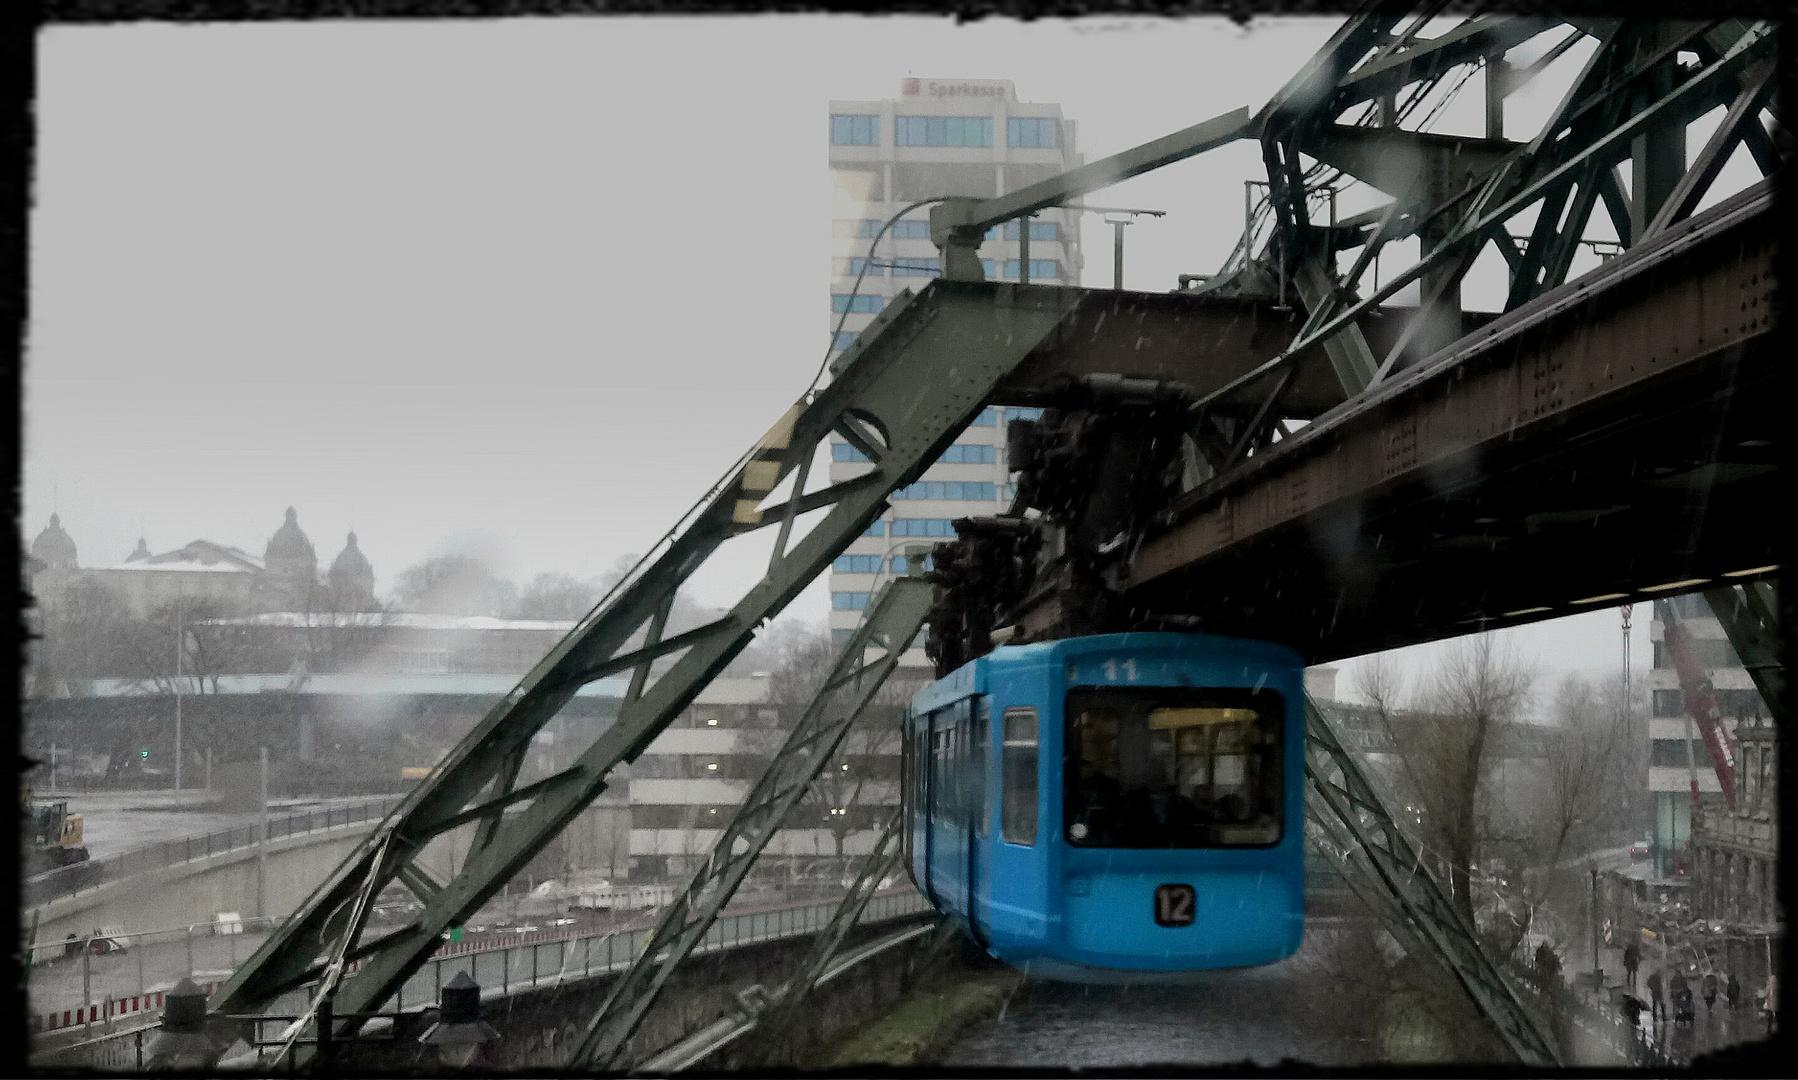 Ol' blue train